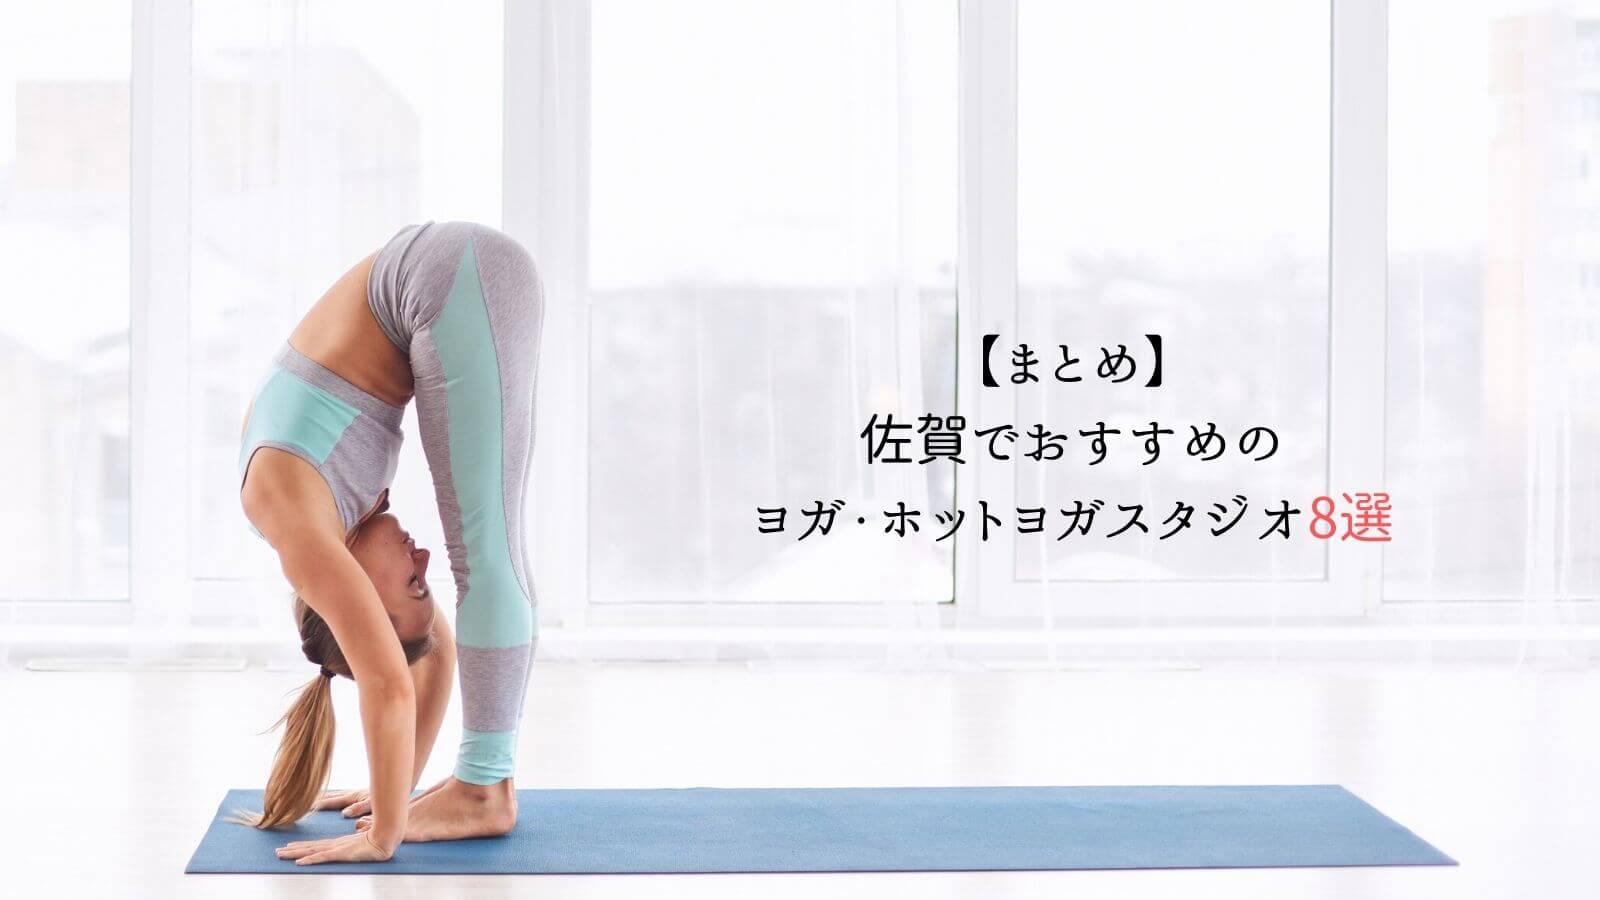 【まとめ】佐賀でおすすめのヨガ・ホットヨガスタジオ8選